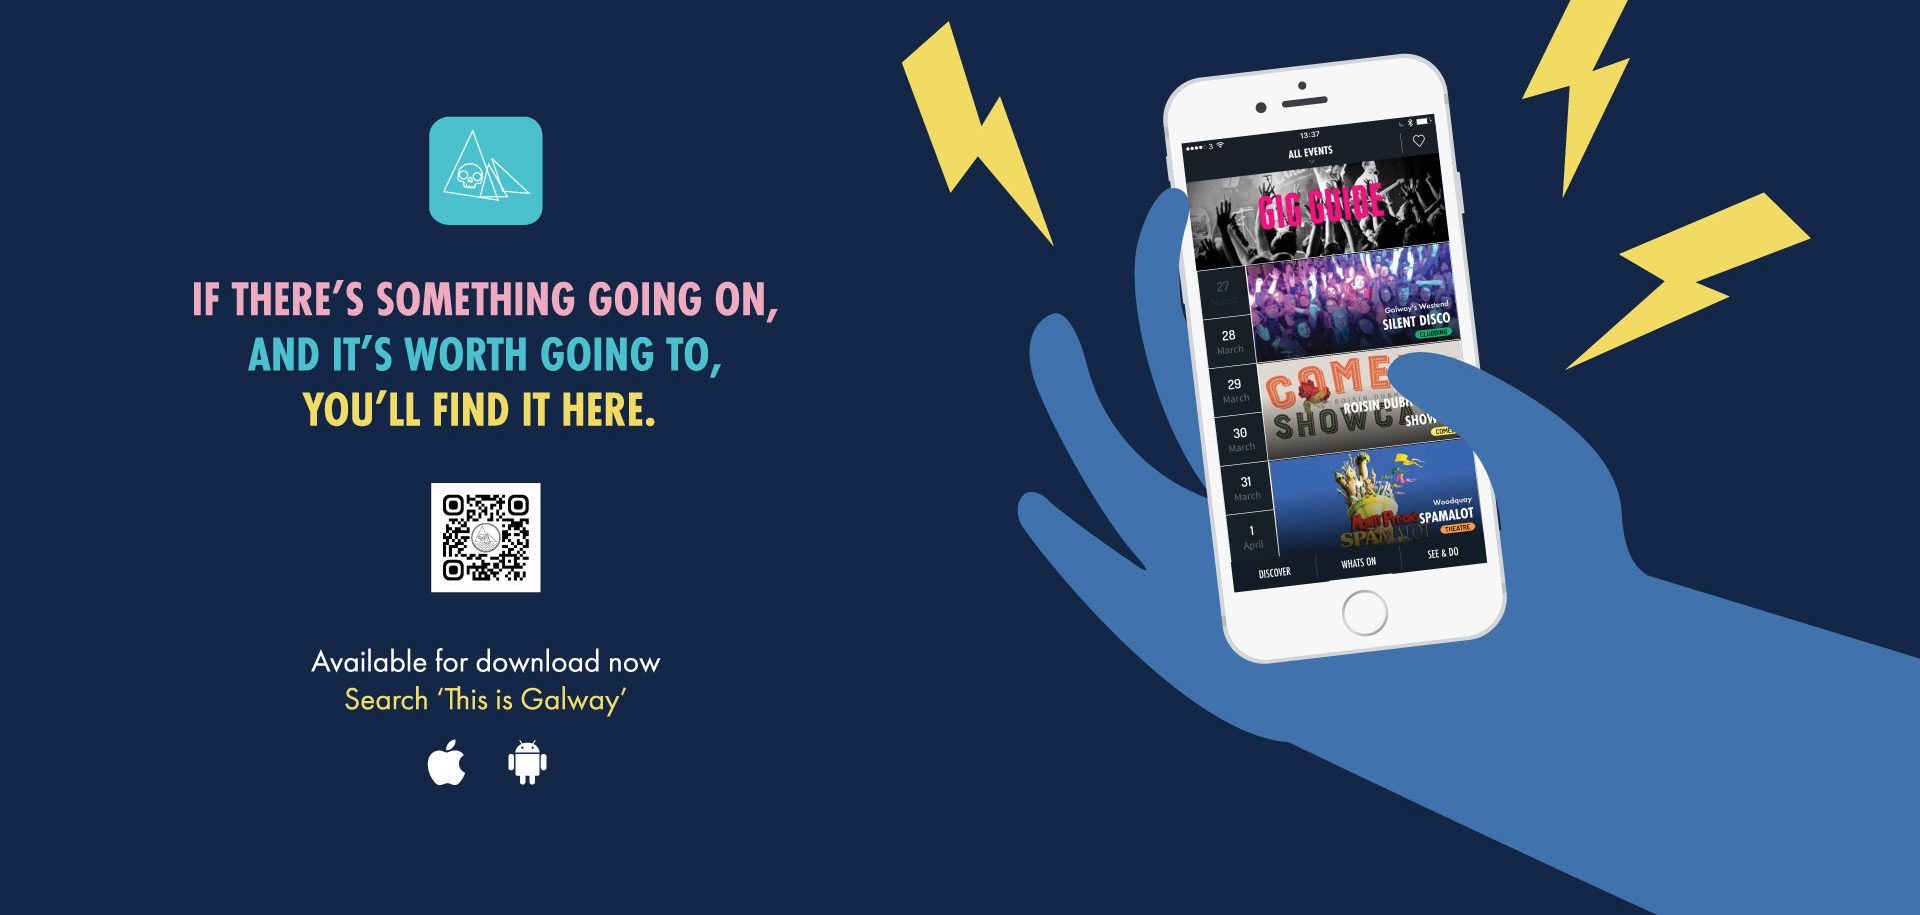 Download-the-App-Slider-2